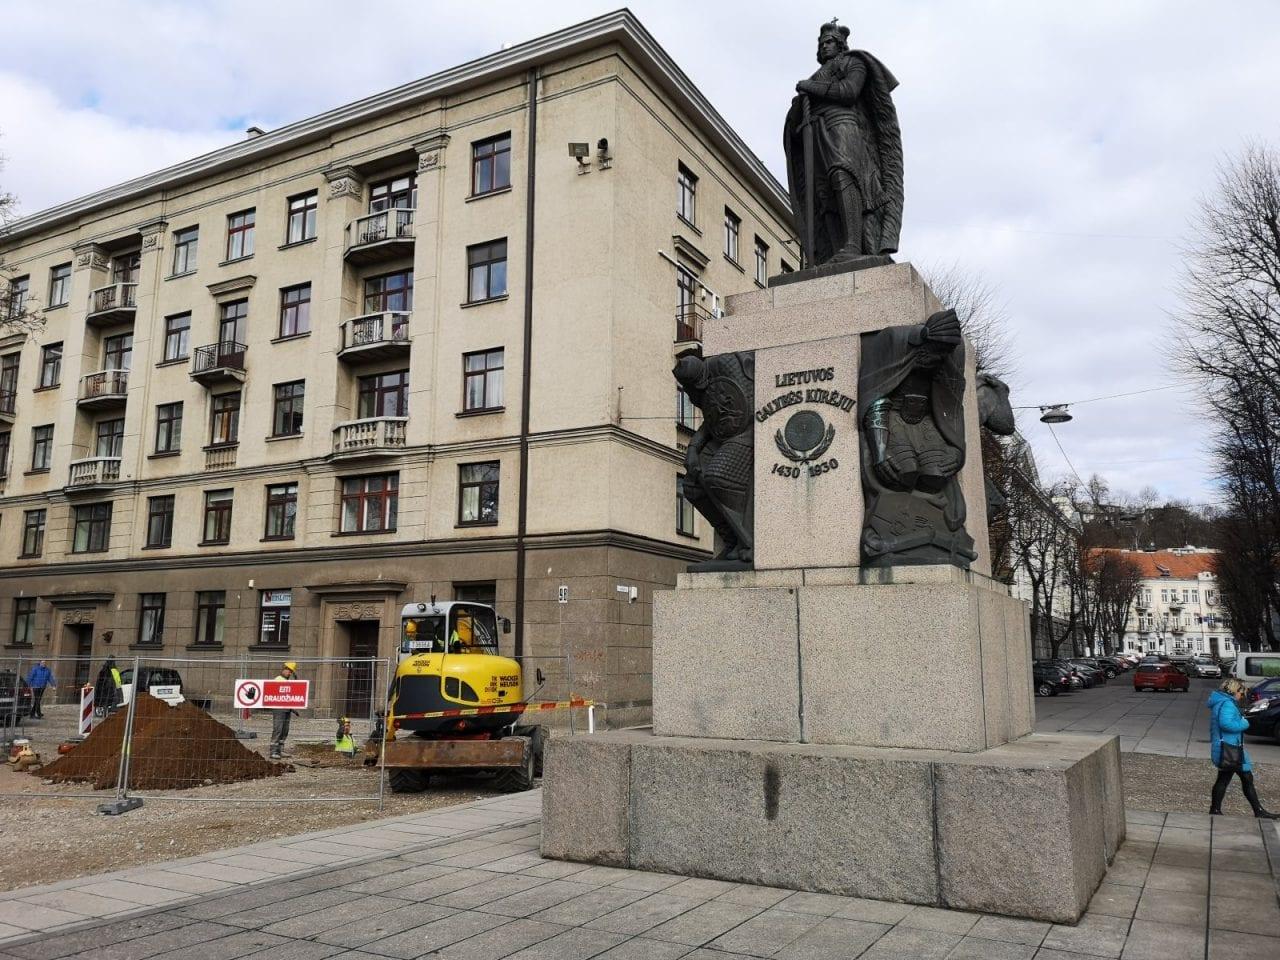 Jokamies Kaunas - Vytautas Suuri